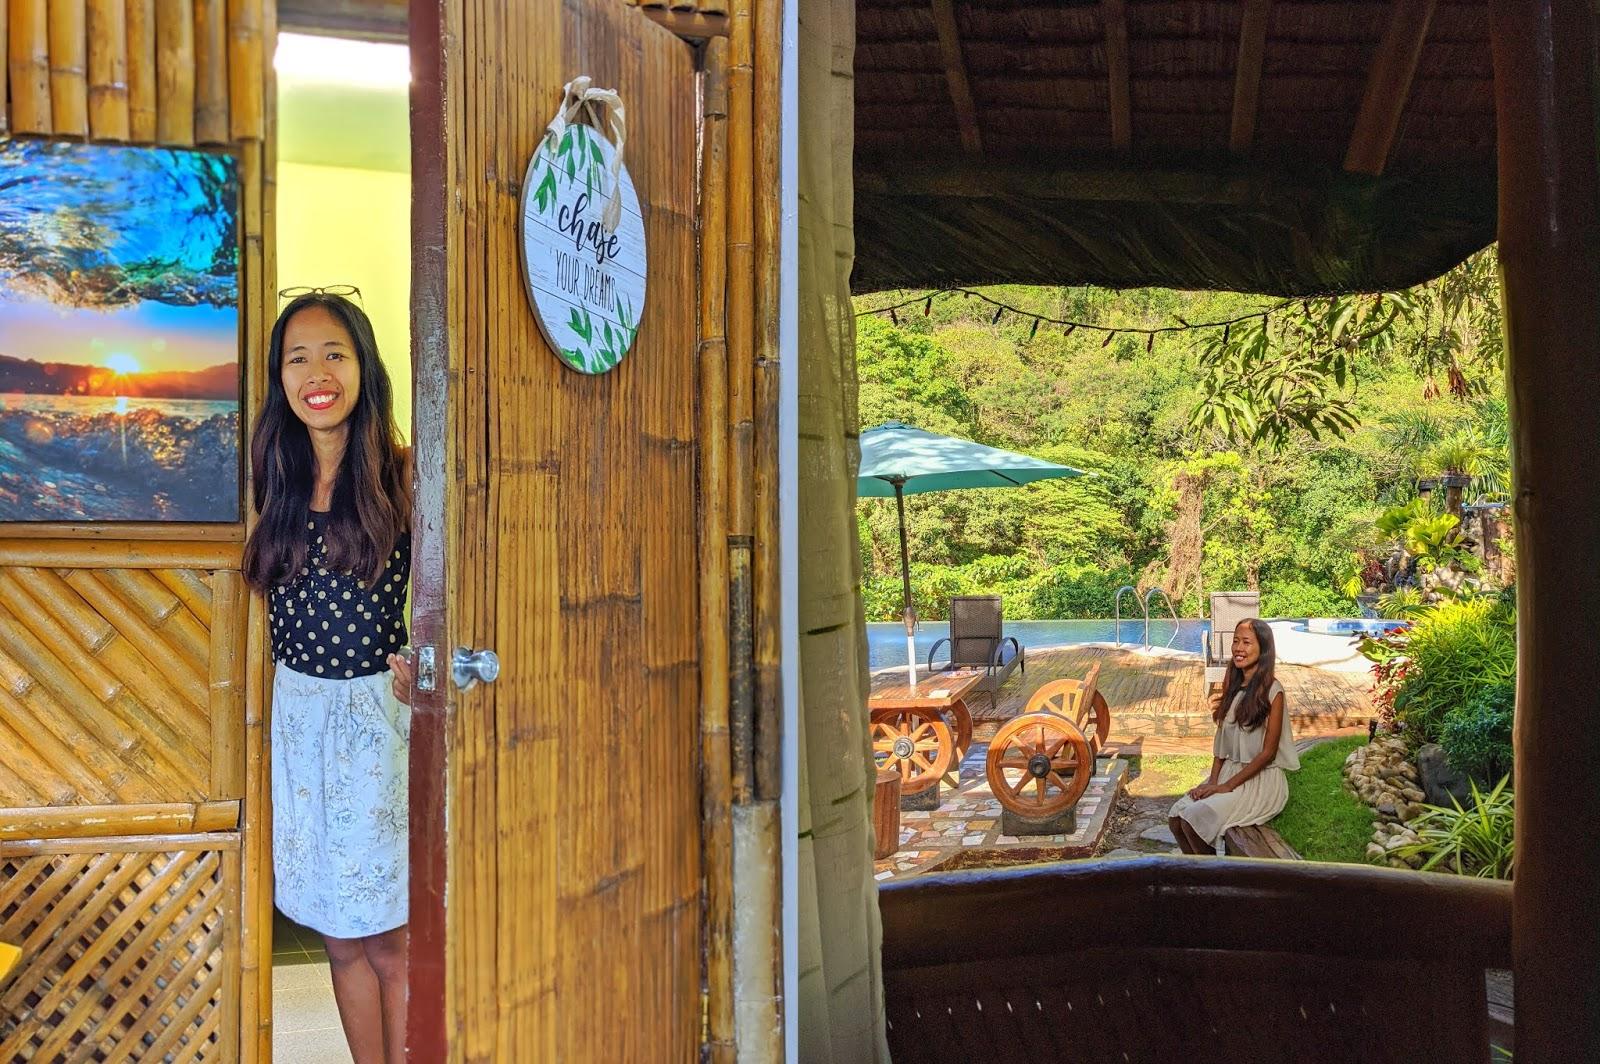 dreamridge resort tanay blog review